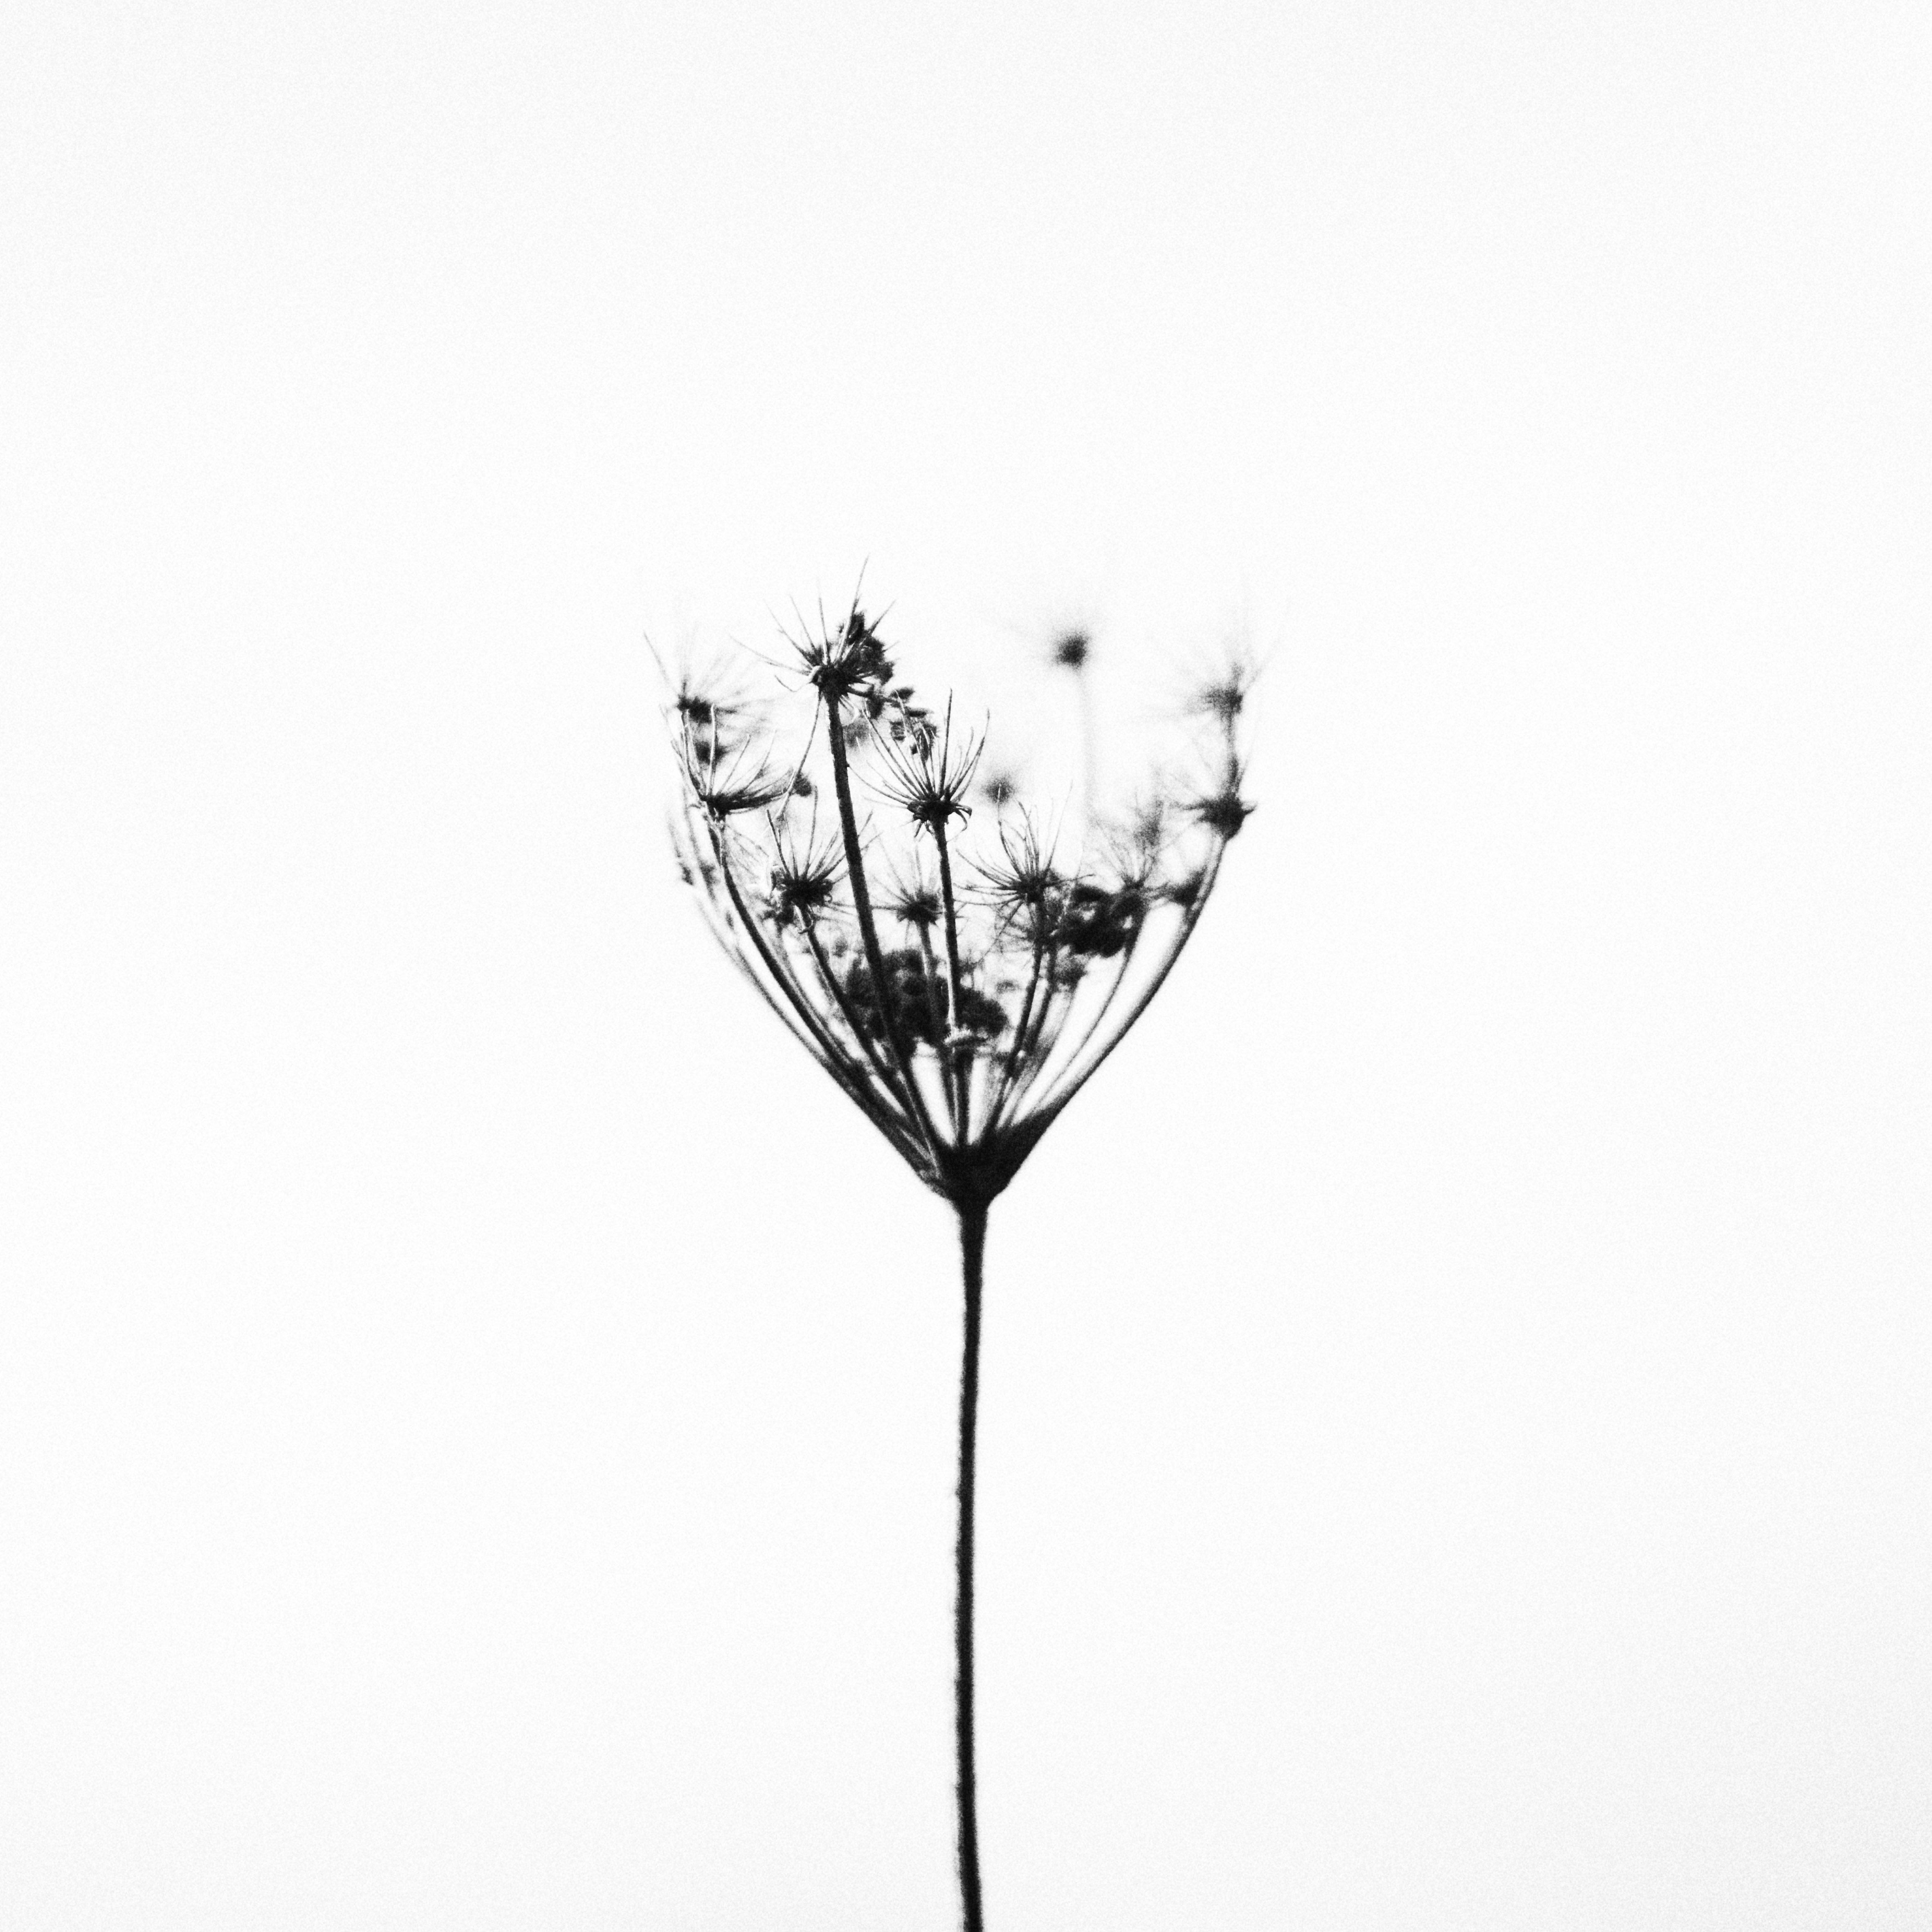 kostenlose foto natur draussen schwarz und wei pflanze blume kraut kontrast schwarz. Black Bedroom Furniture Sets. Home Design Ideas